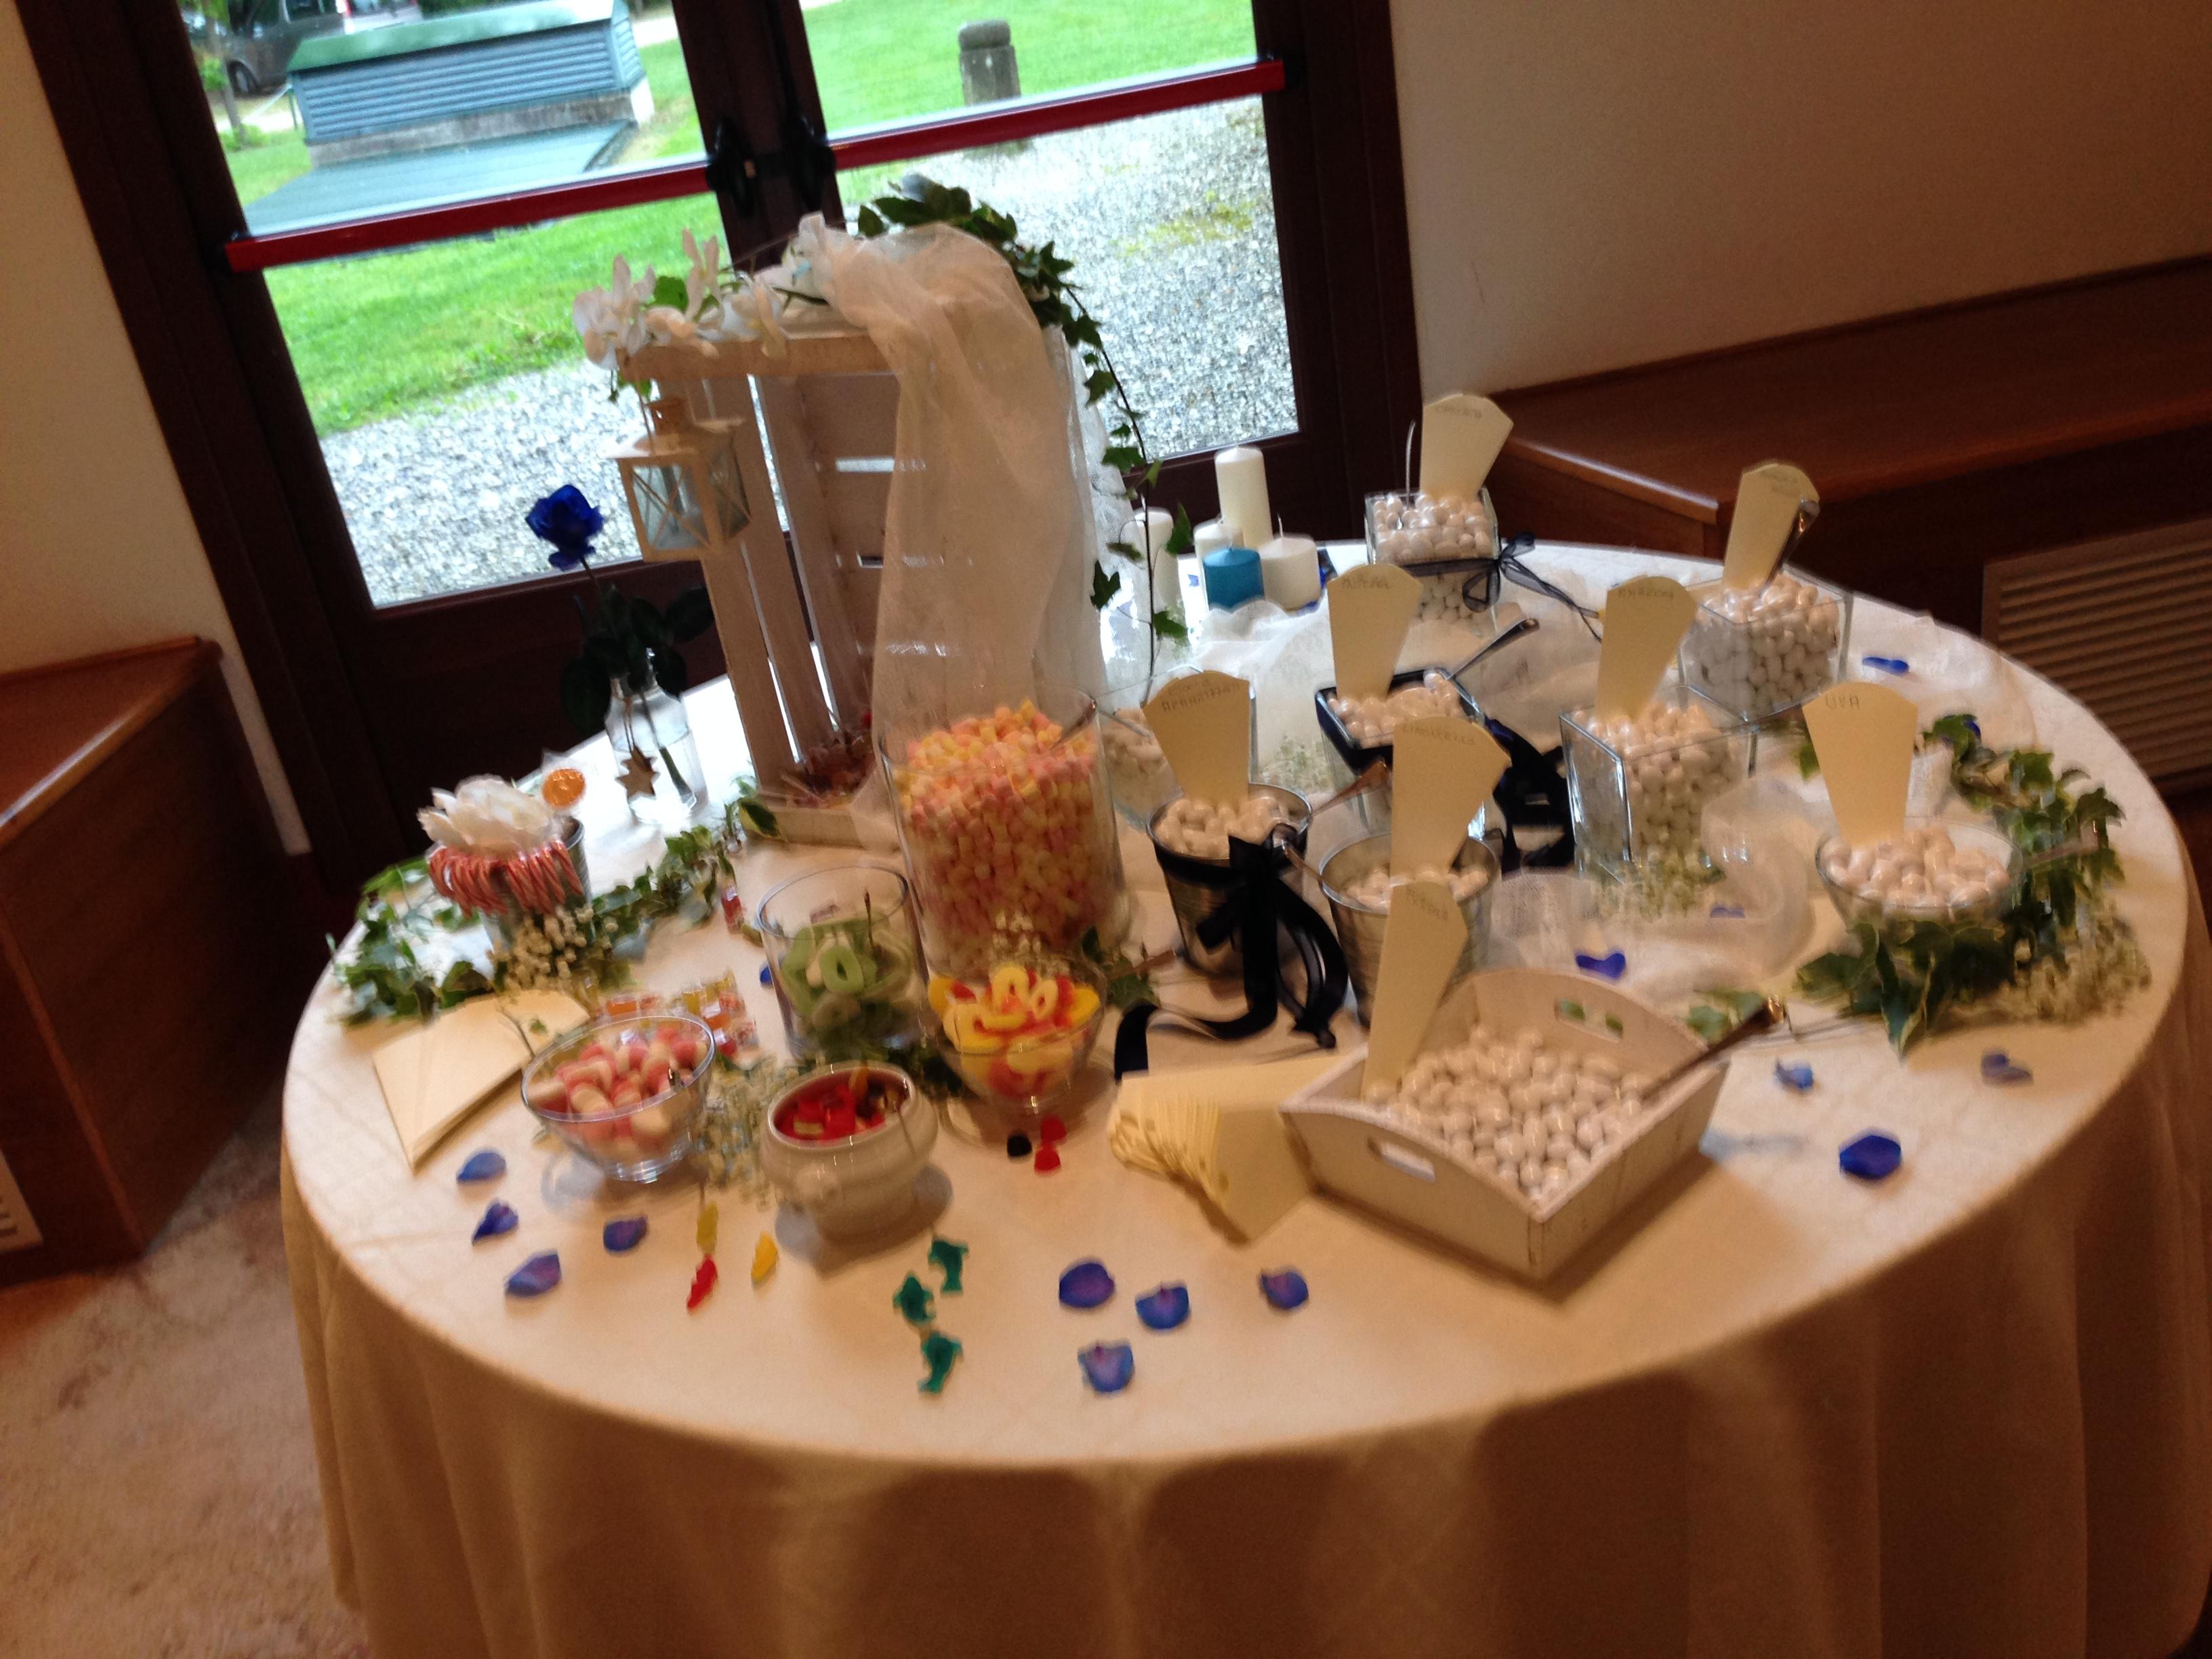 Matrimonio Tema Bianco E Blu : Matrimonio bianco e blu